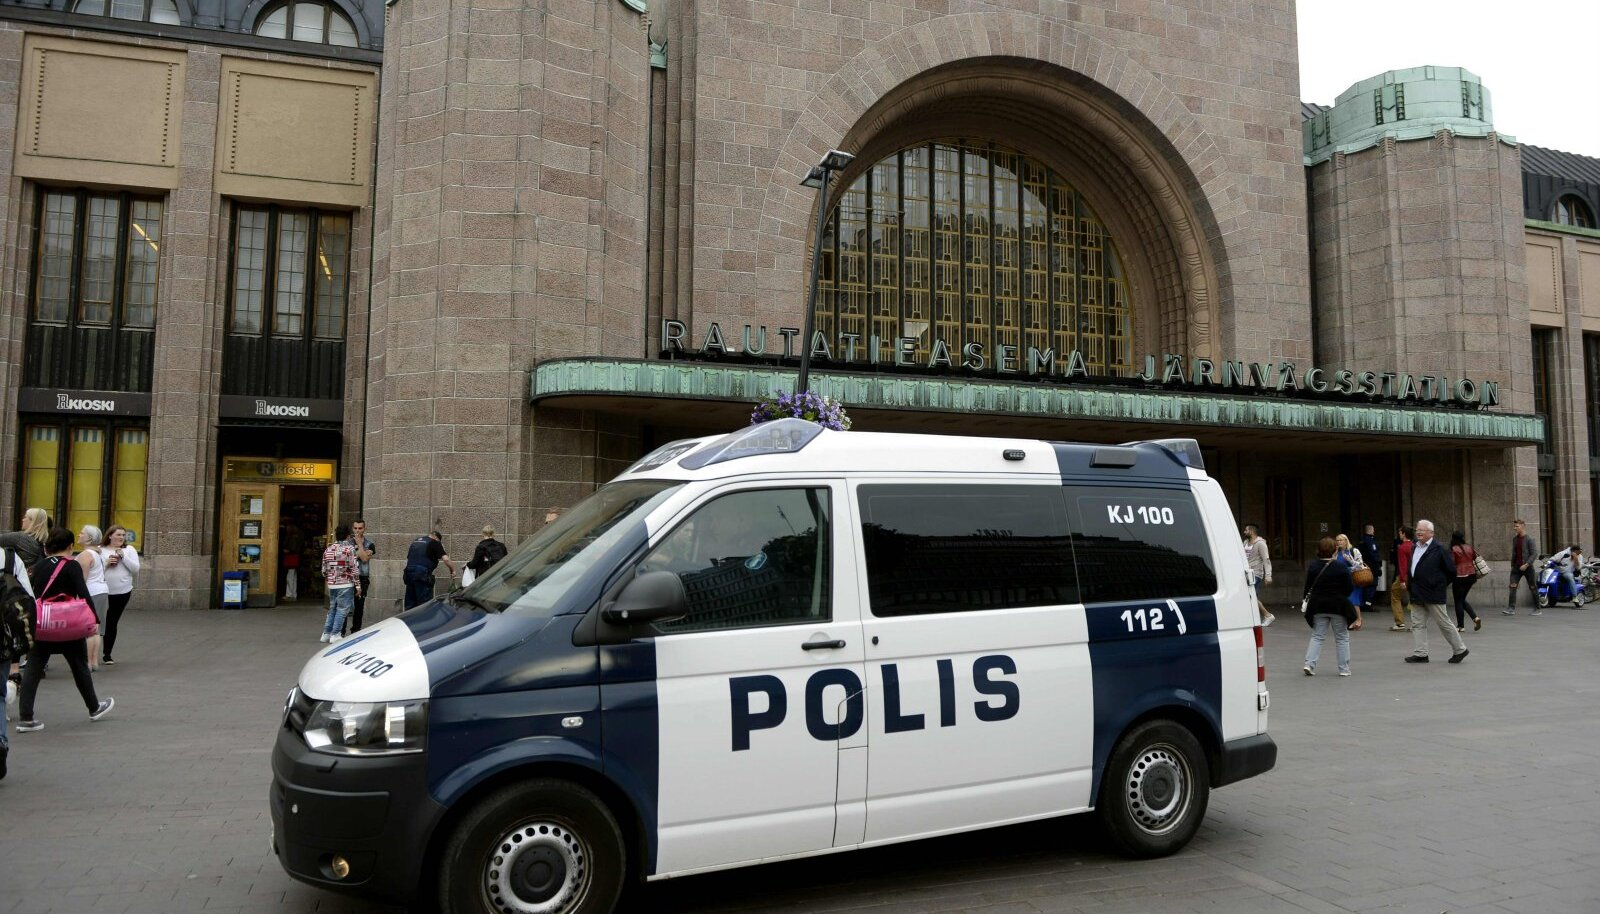 Soome politsei. (Foto on illustratiivne)